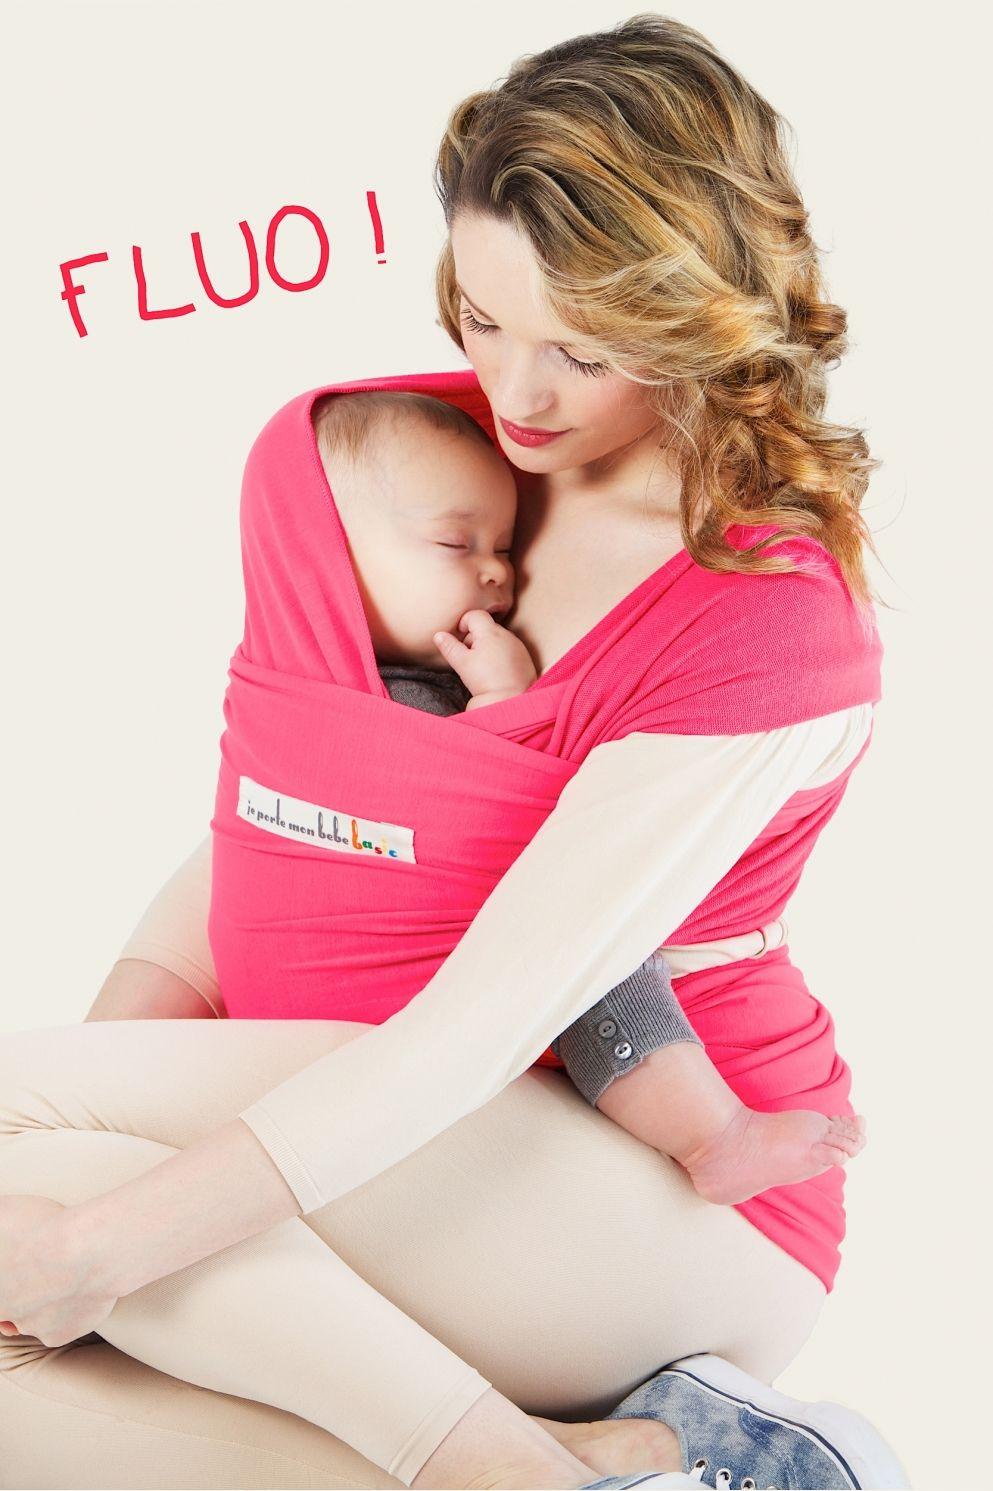 #echarpe de #portage jpmbb couleur fluo rose pour etre dans l'air du temps grâce à #bebe